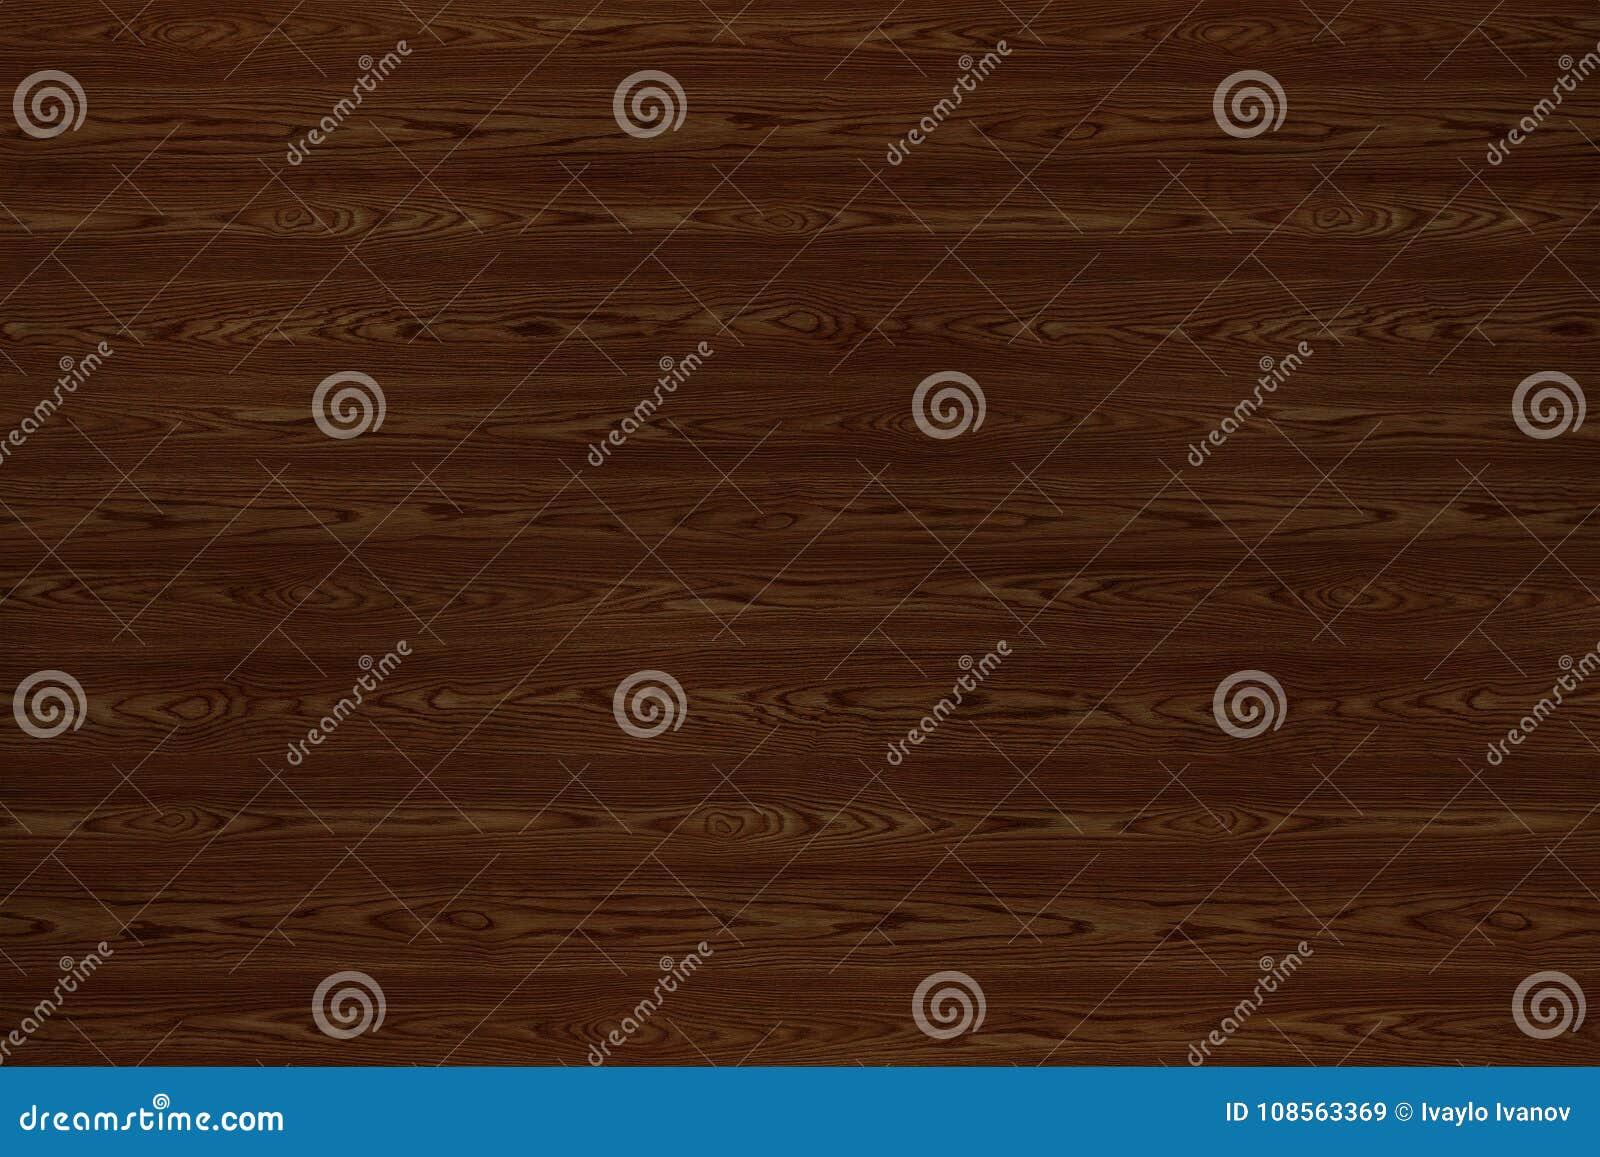 Предпосылка текстуры картины Grunge деревянная, деревянная текстура предпосылки